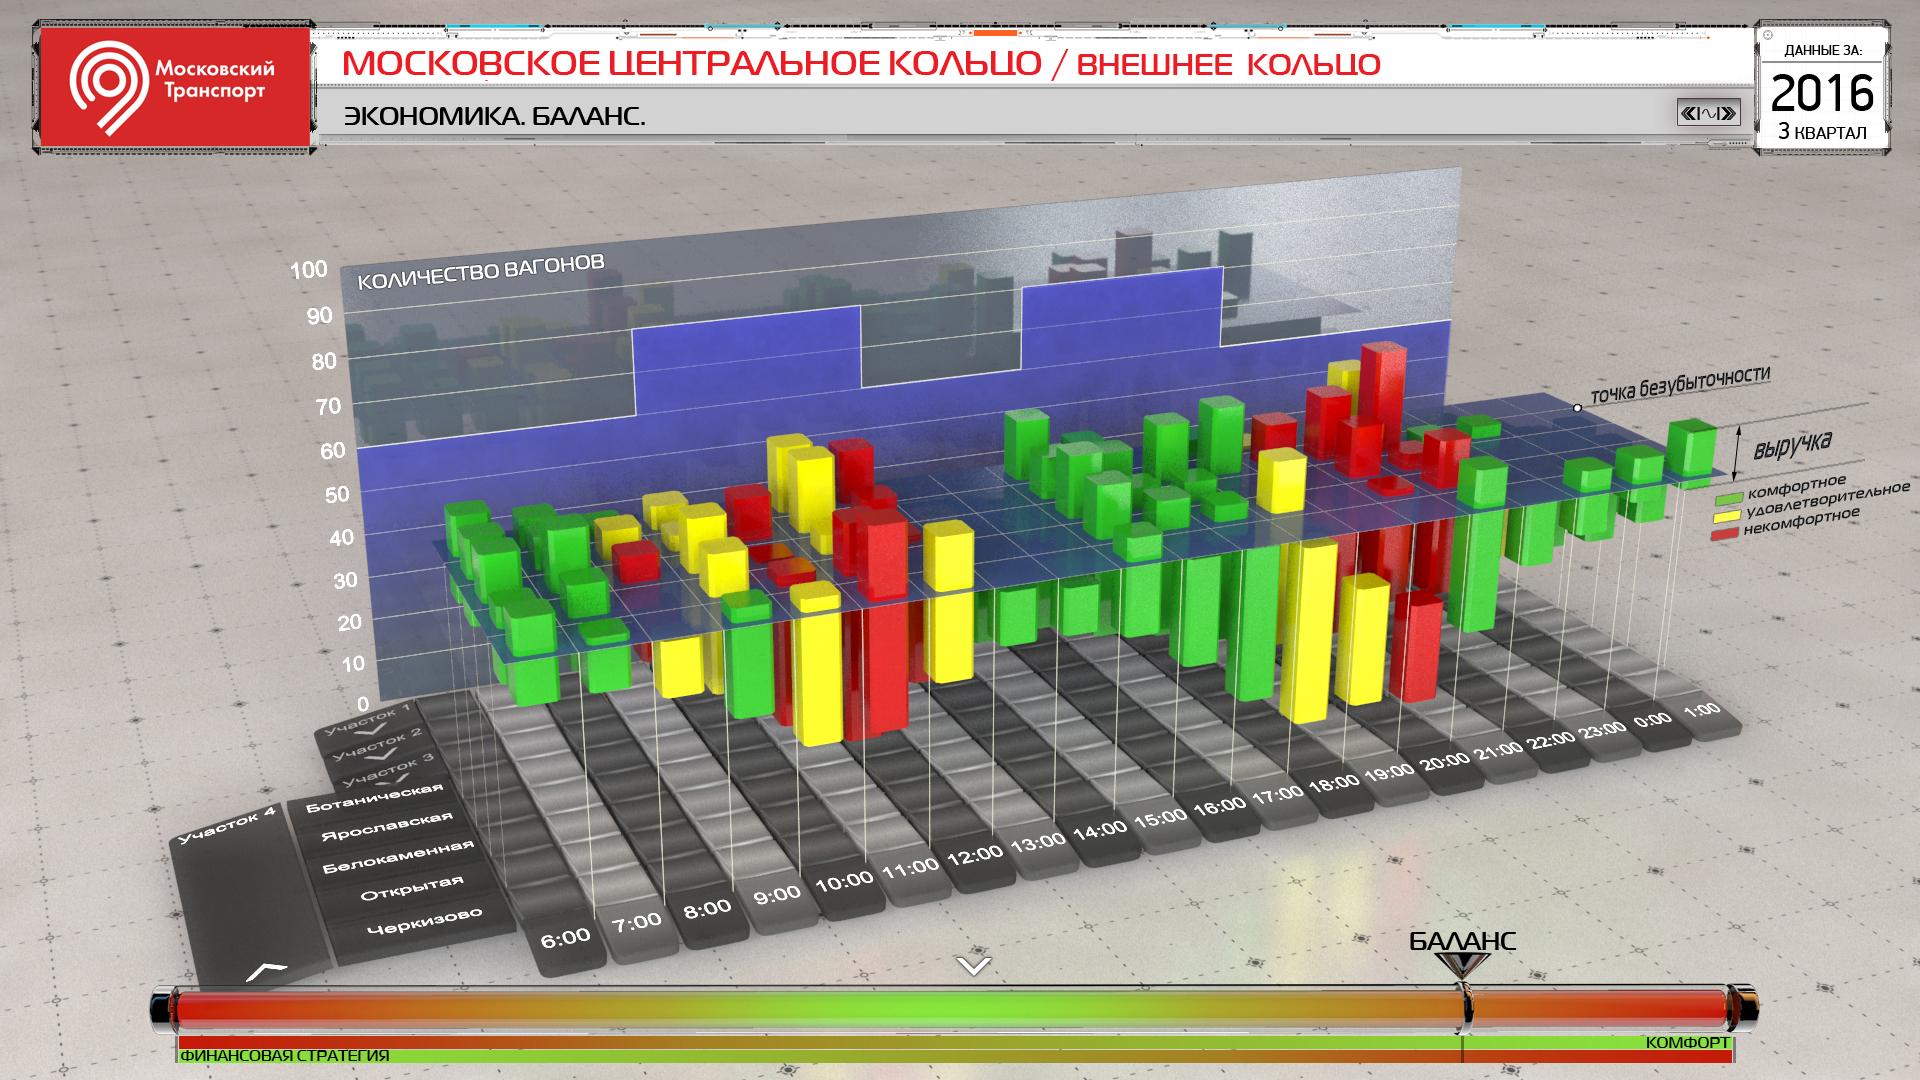 [Из песочницы] Построение процесса бизнес-анализа в проектах по разработке BI-приложений с продвинутой визуализацией